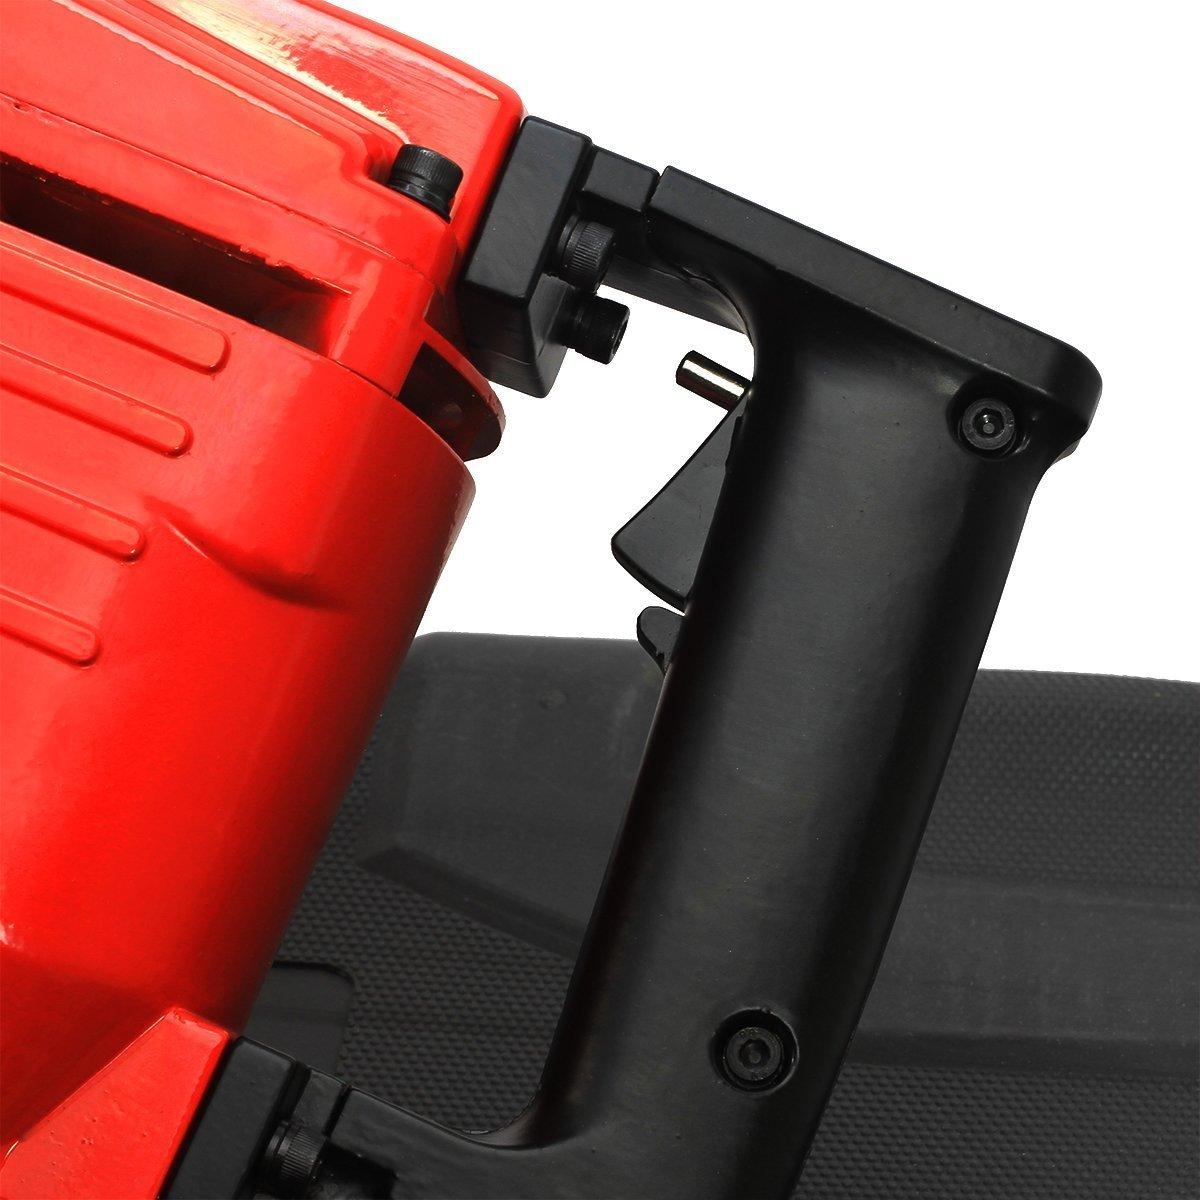 71N35cNTVUL._SL1200_ XtremepowerUS 2200watt Demolition Jackhammer Review